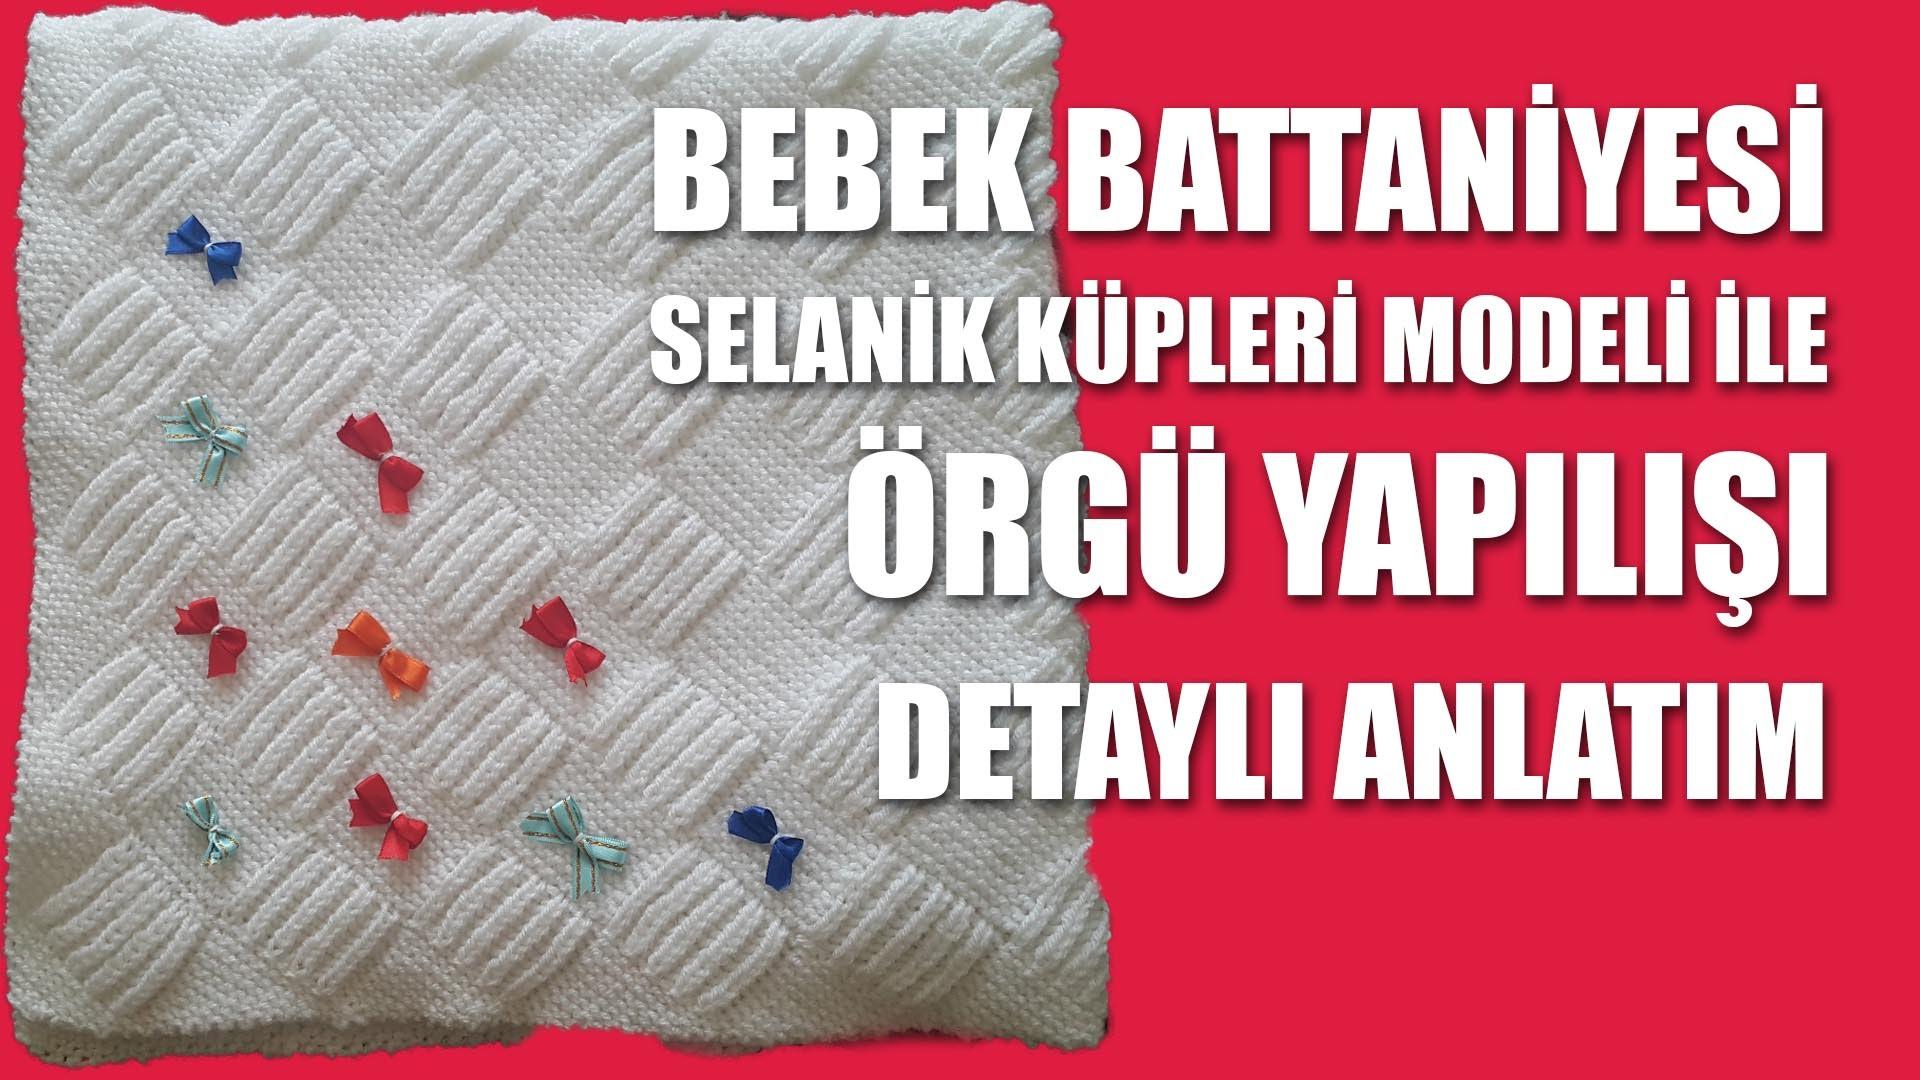 Küp Selanik Bebek Battaniyesi Modeli